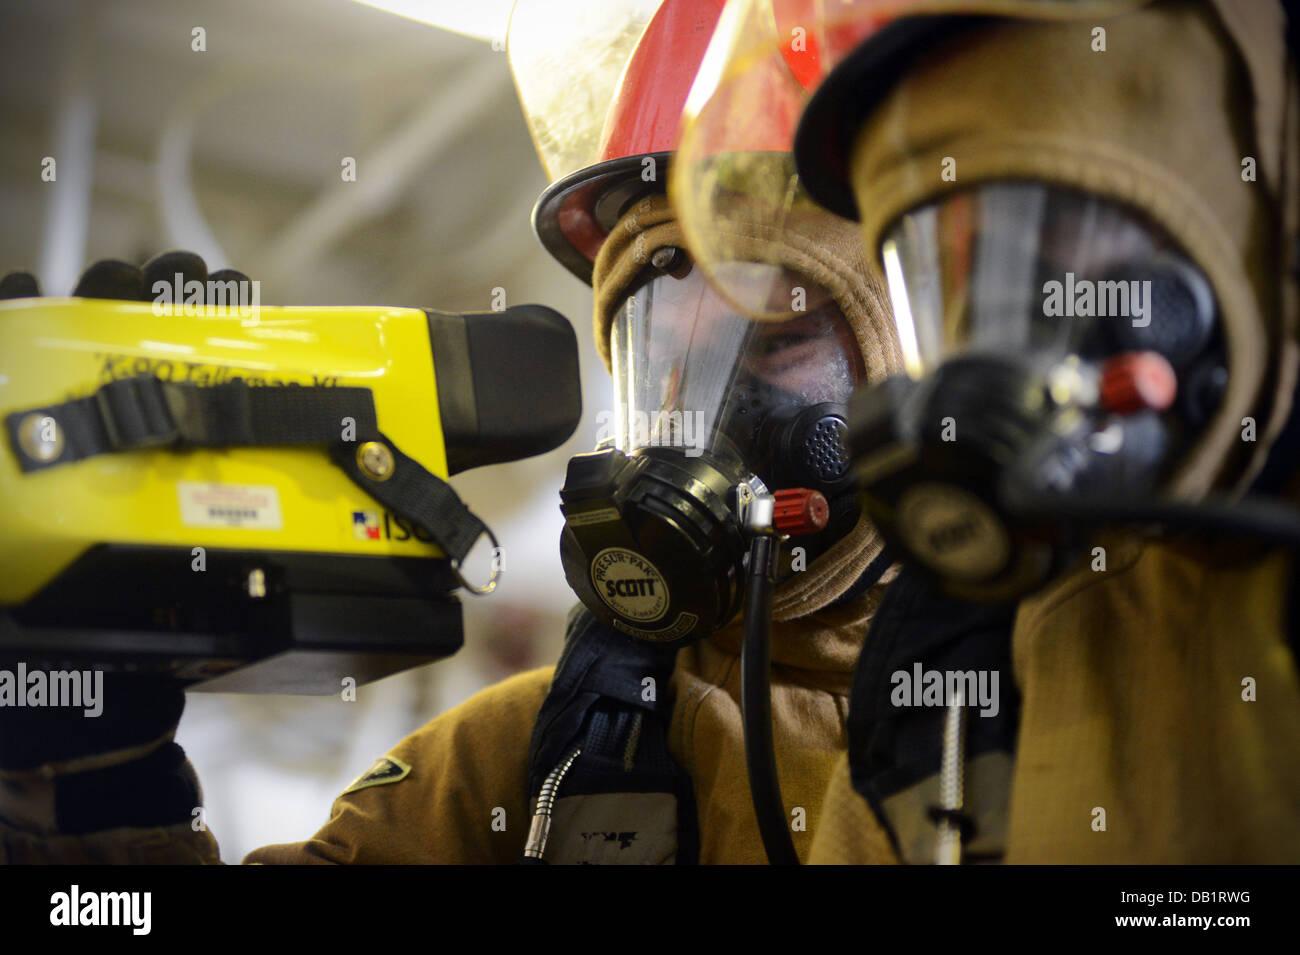 Técnico de Mantenimiento de casco de 3ª clase Timothy Dunkel utiliza una imagen térmica durante un taladro de lucha contra incendios a bordo del buque anfibio un Foto de stock